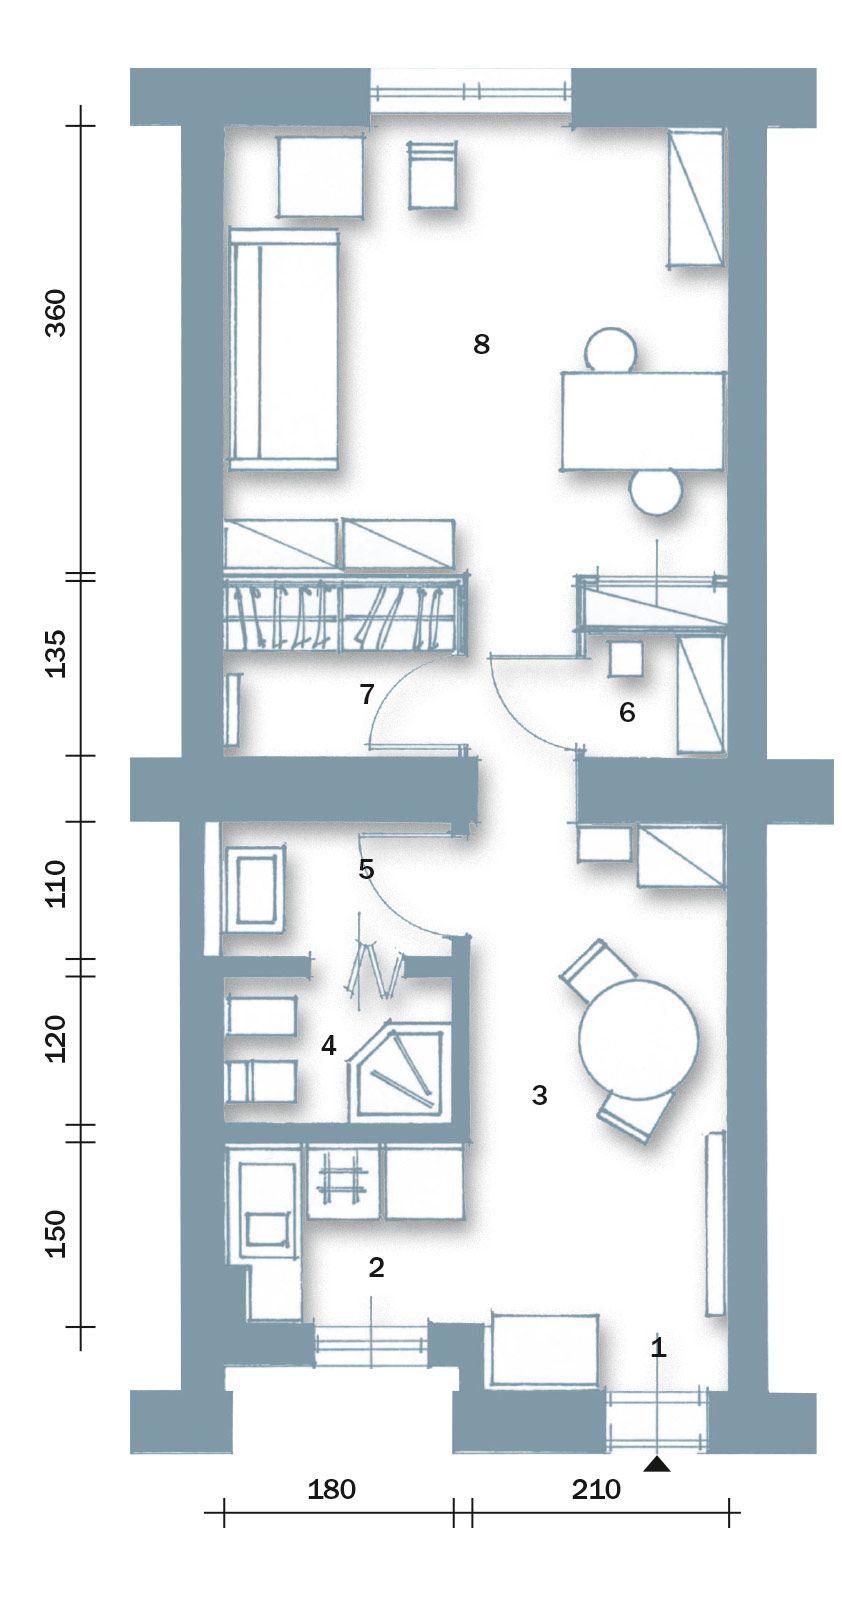 Bilocale di 40 mq, una casa fai da te Appartamenti